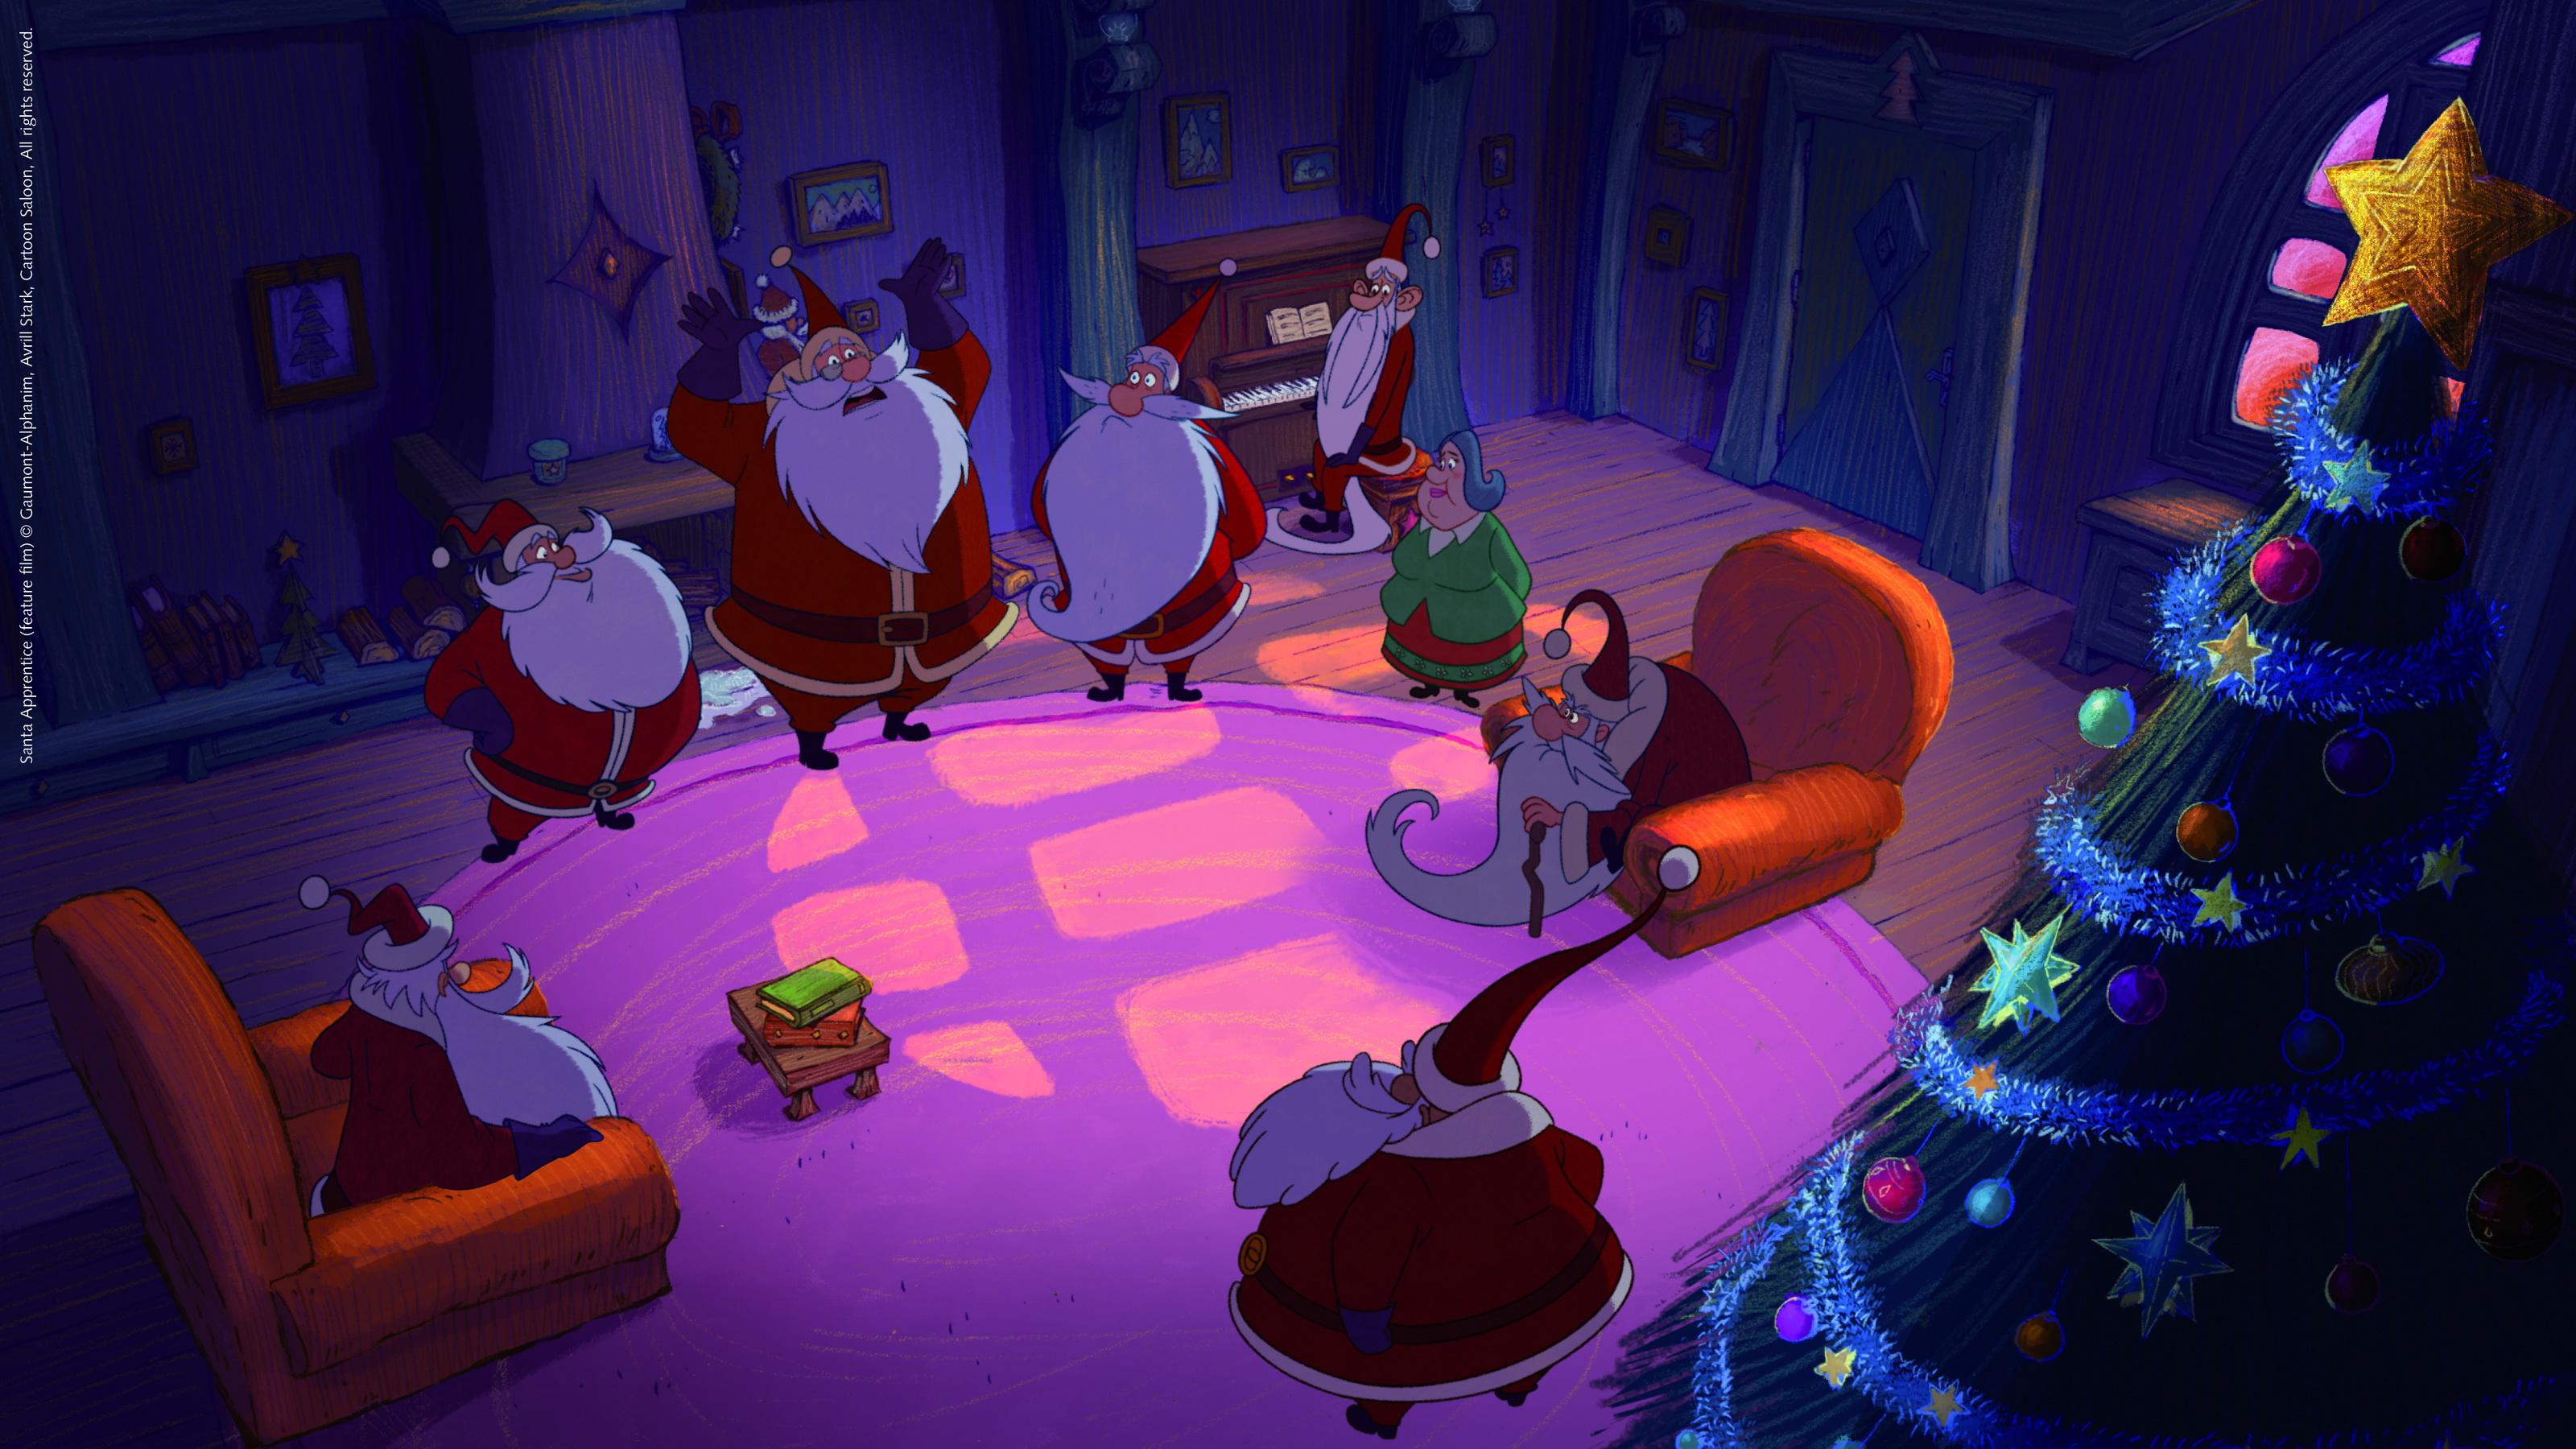 Santa's Apprentice Backgrounds, Compatible - PC, Mobile, Gadgets| 3200x1800 px